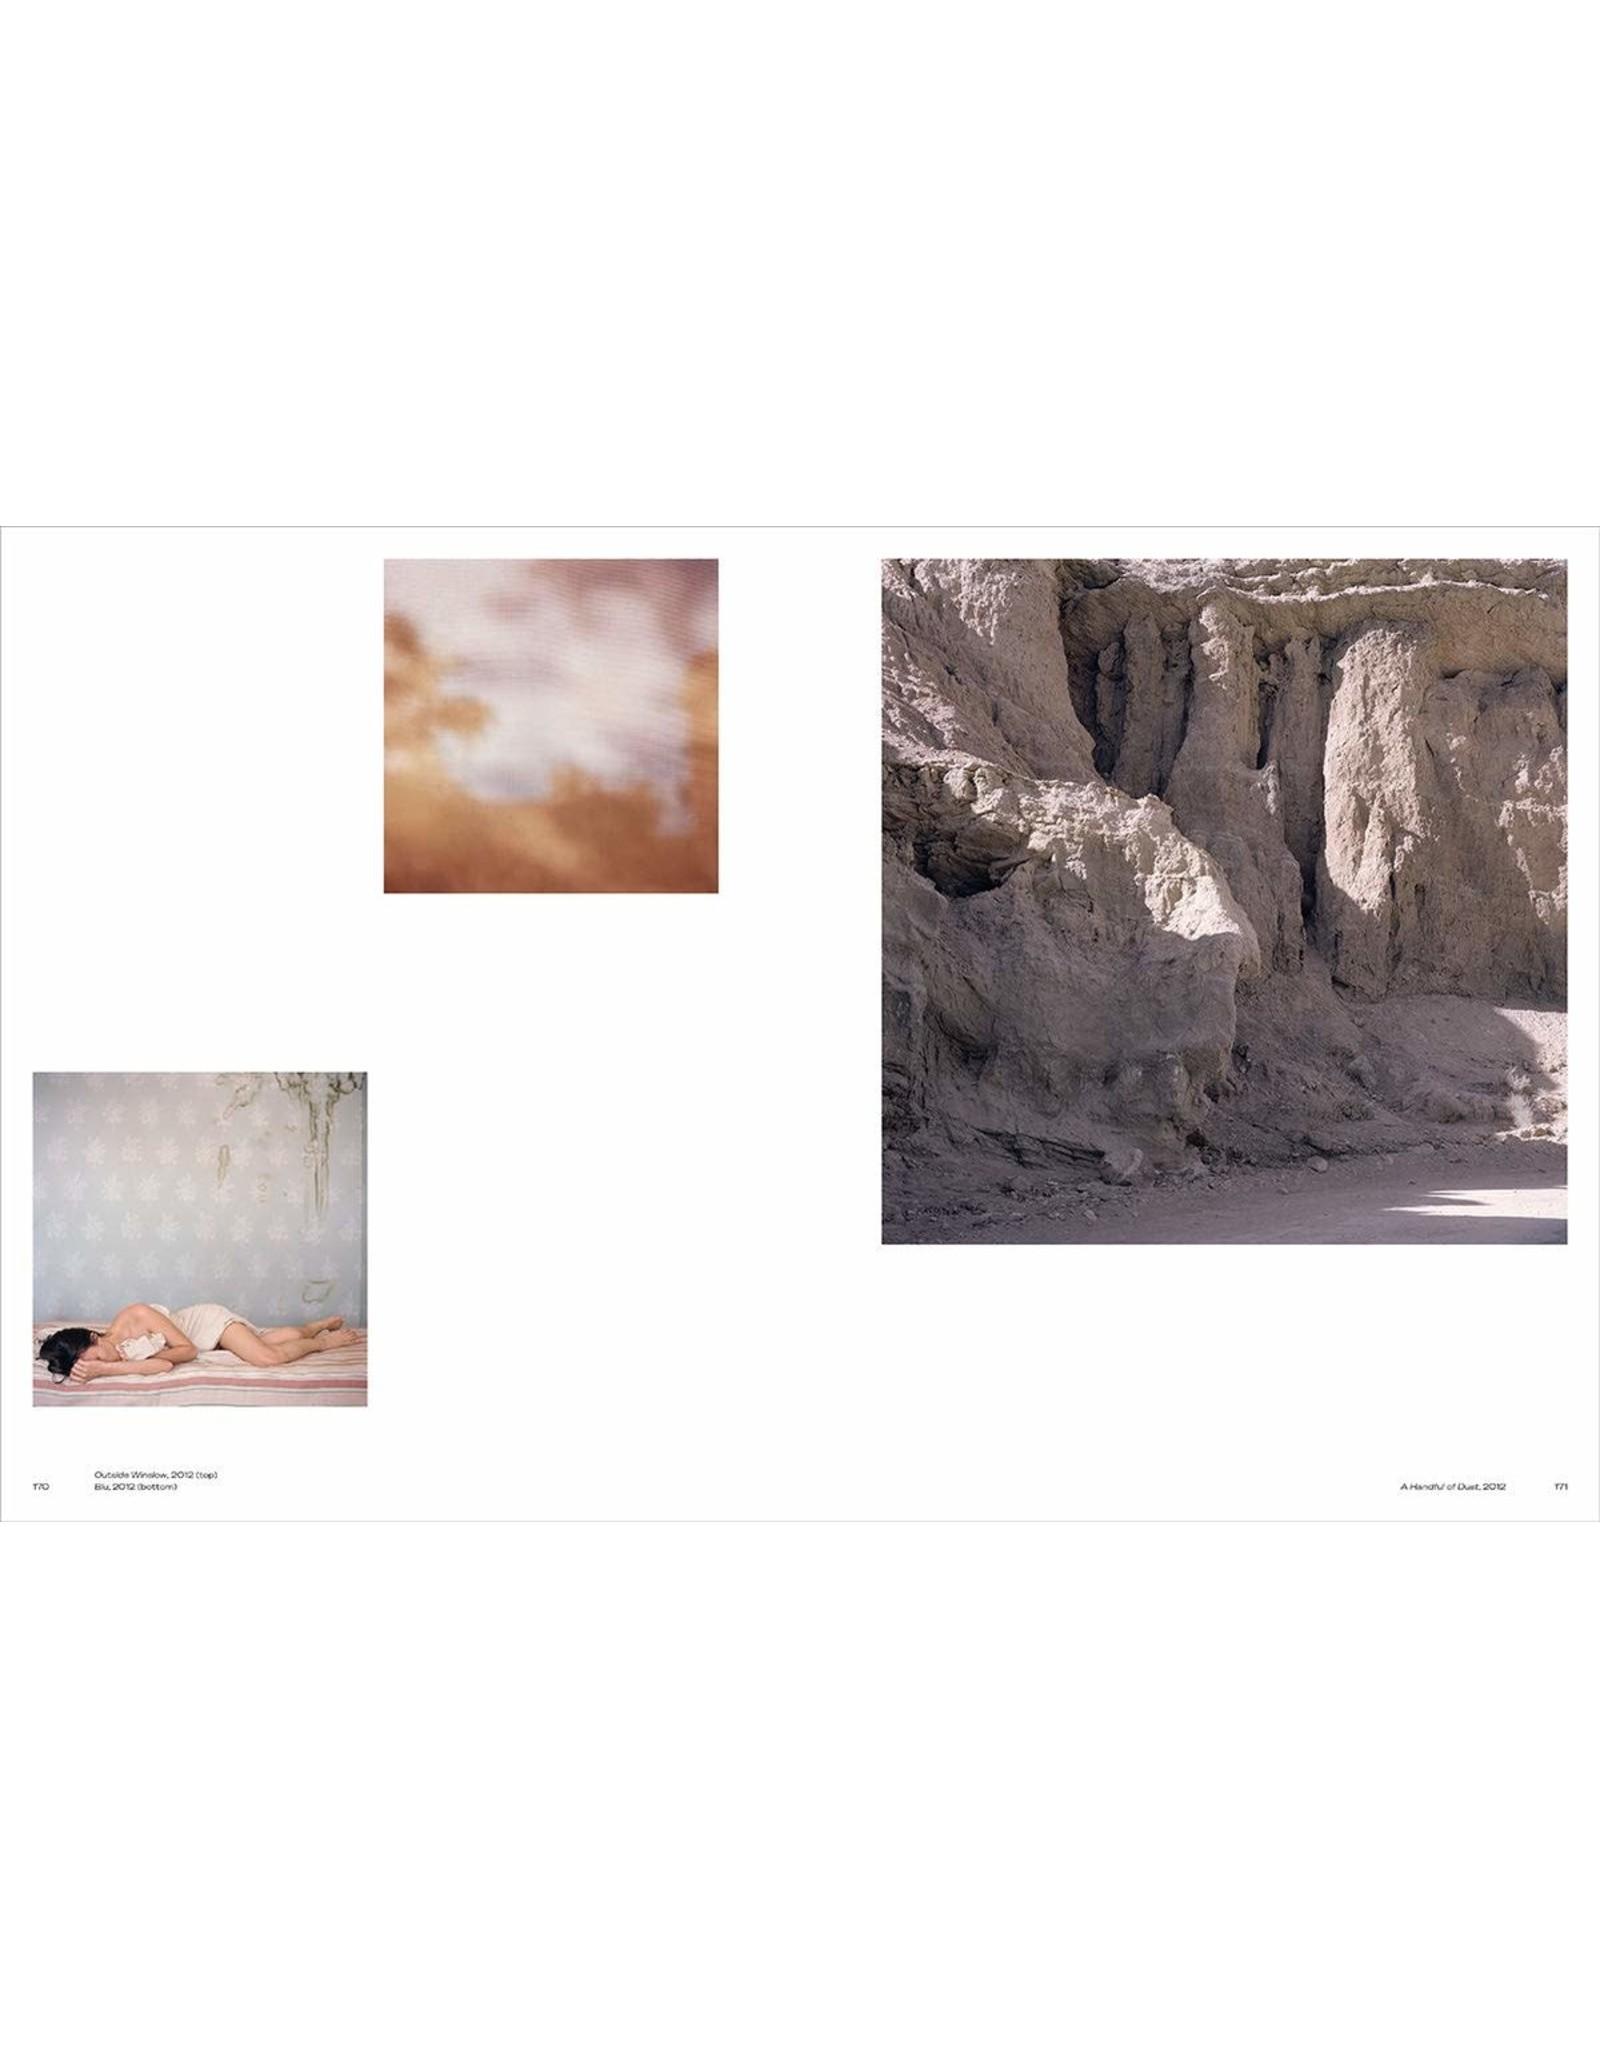 Mona Kuhn: Works